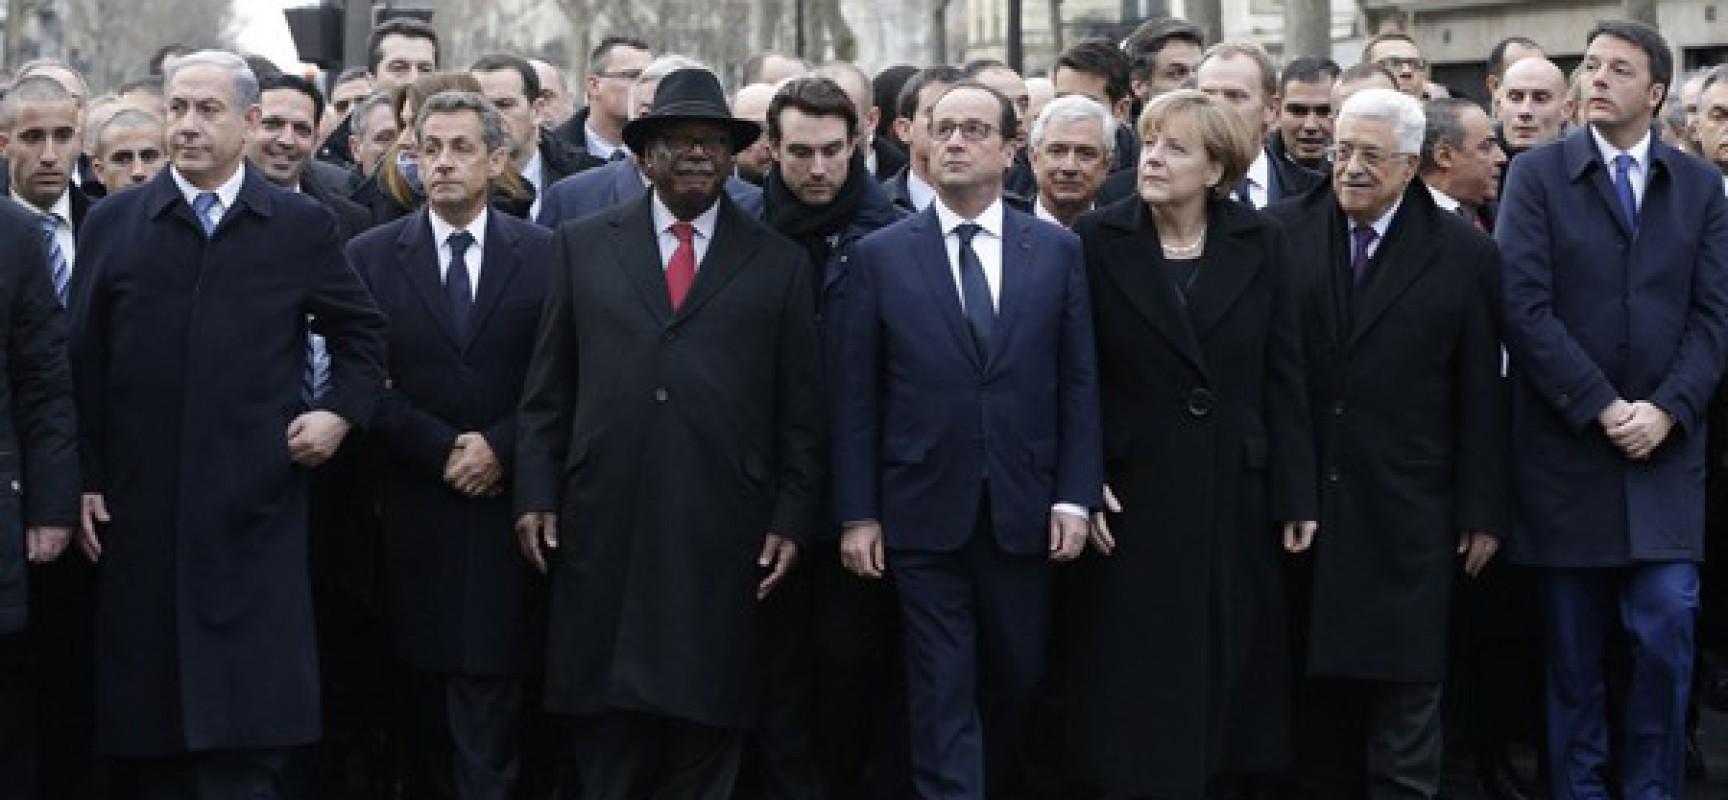 Résistance politique: Le terrorisme est avant tout terrorisme d'état (Francis Cousin)